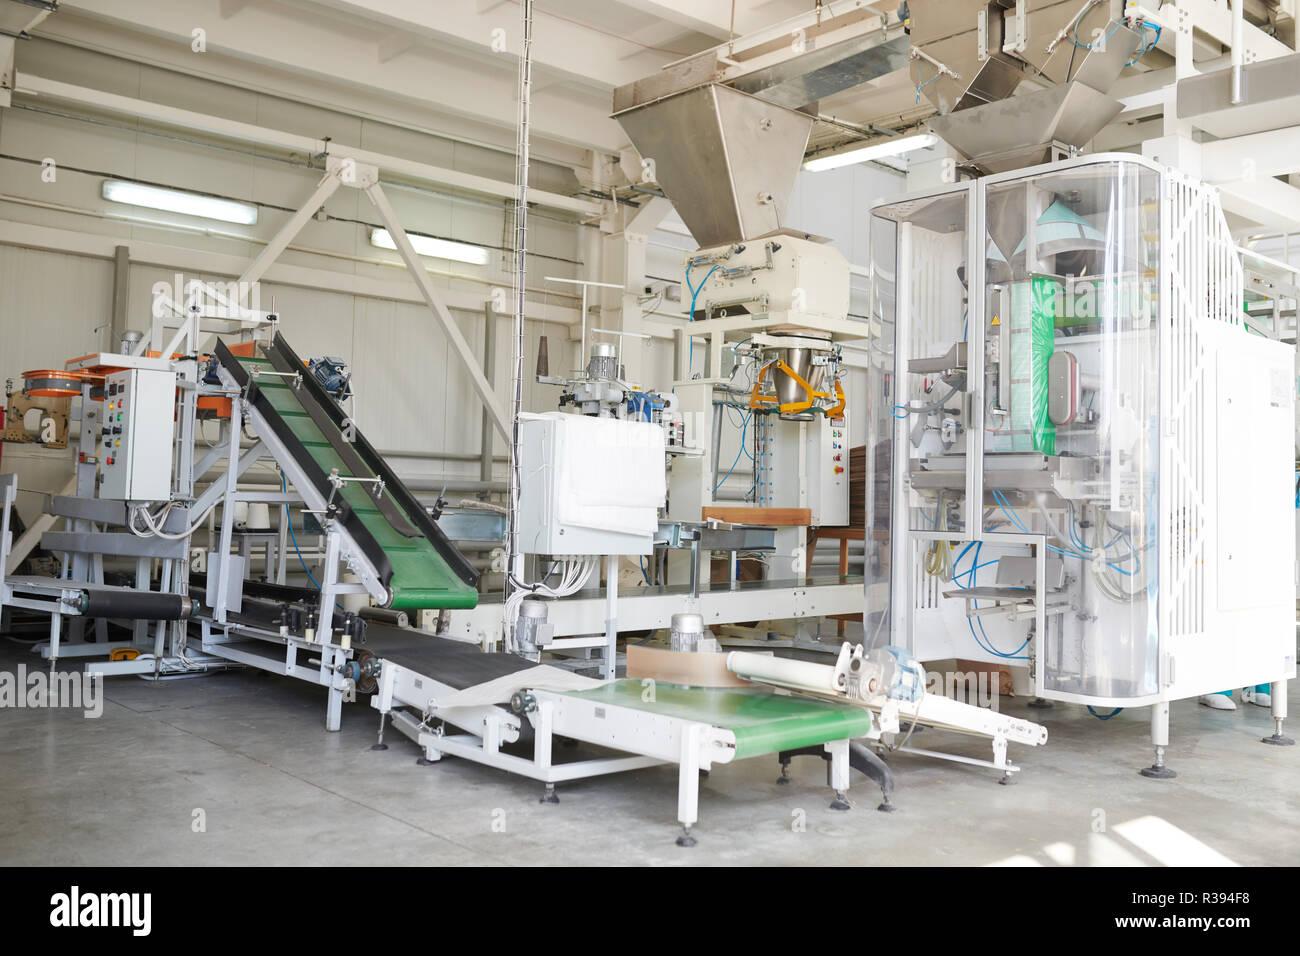 Unità di imballaggio presso stabilimento alimentare Foto Stock